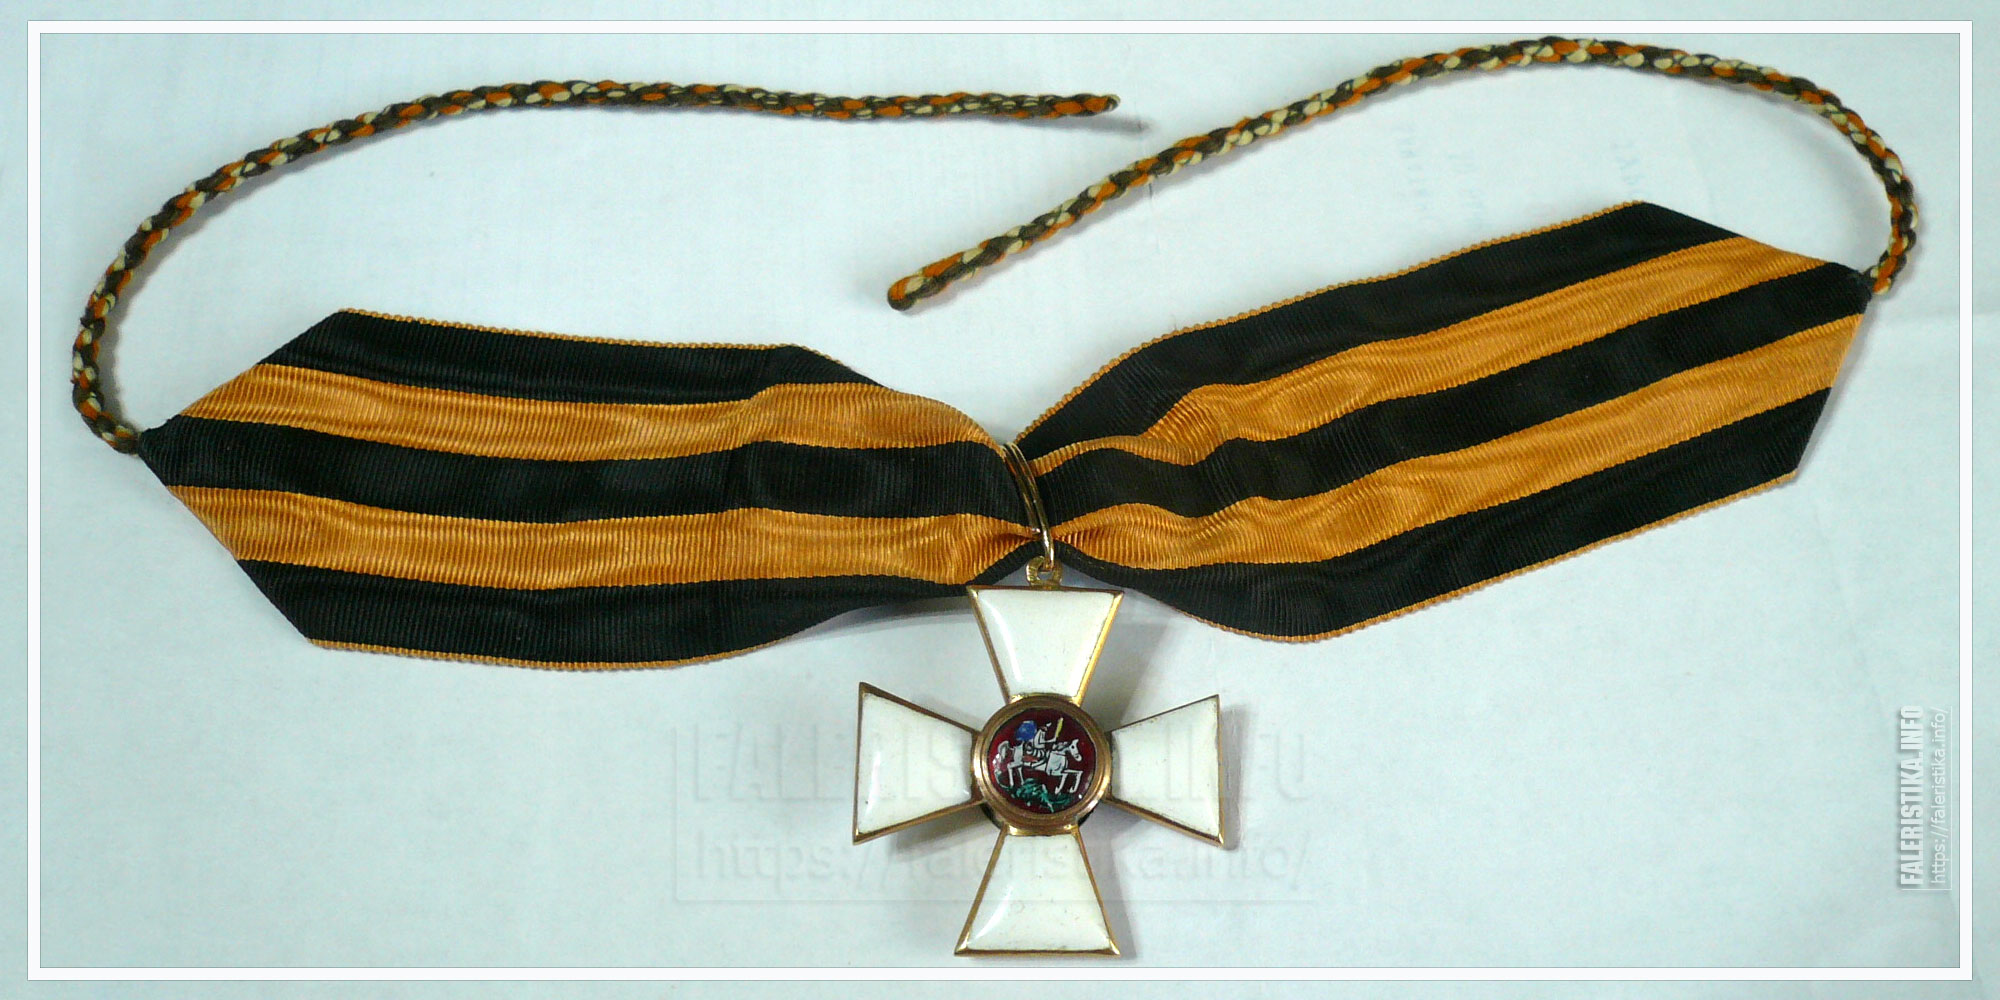 Крест ордена Святого Георгия 3 ст. на шейной ленте